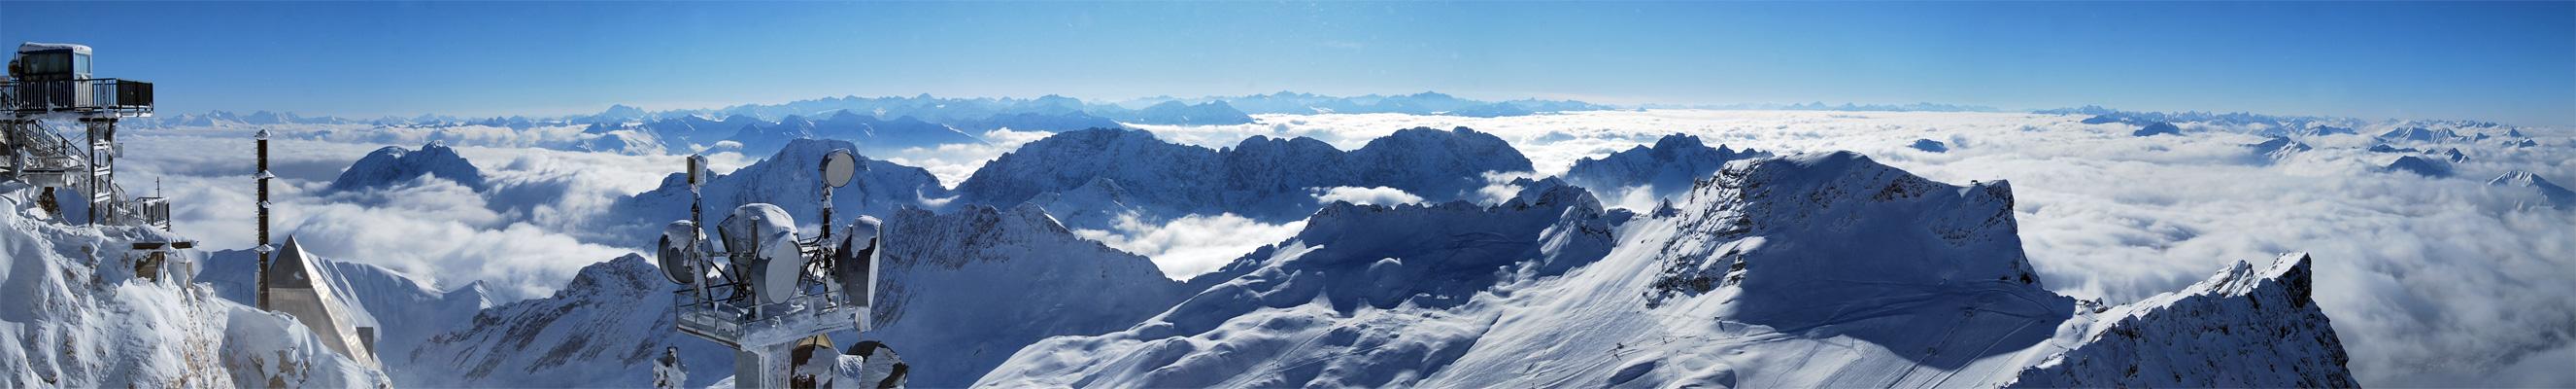 Panorama mit Technik über den Wolken